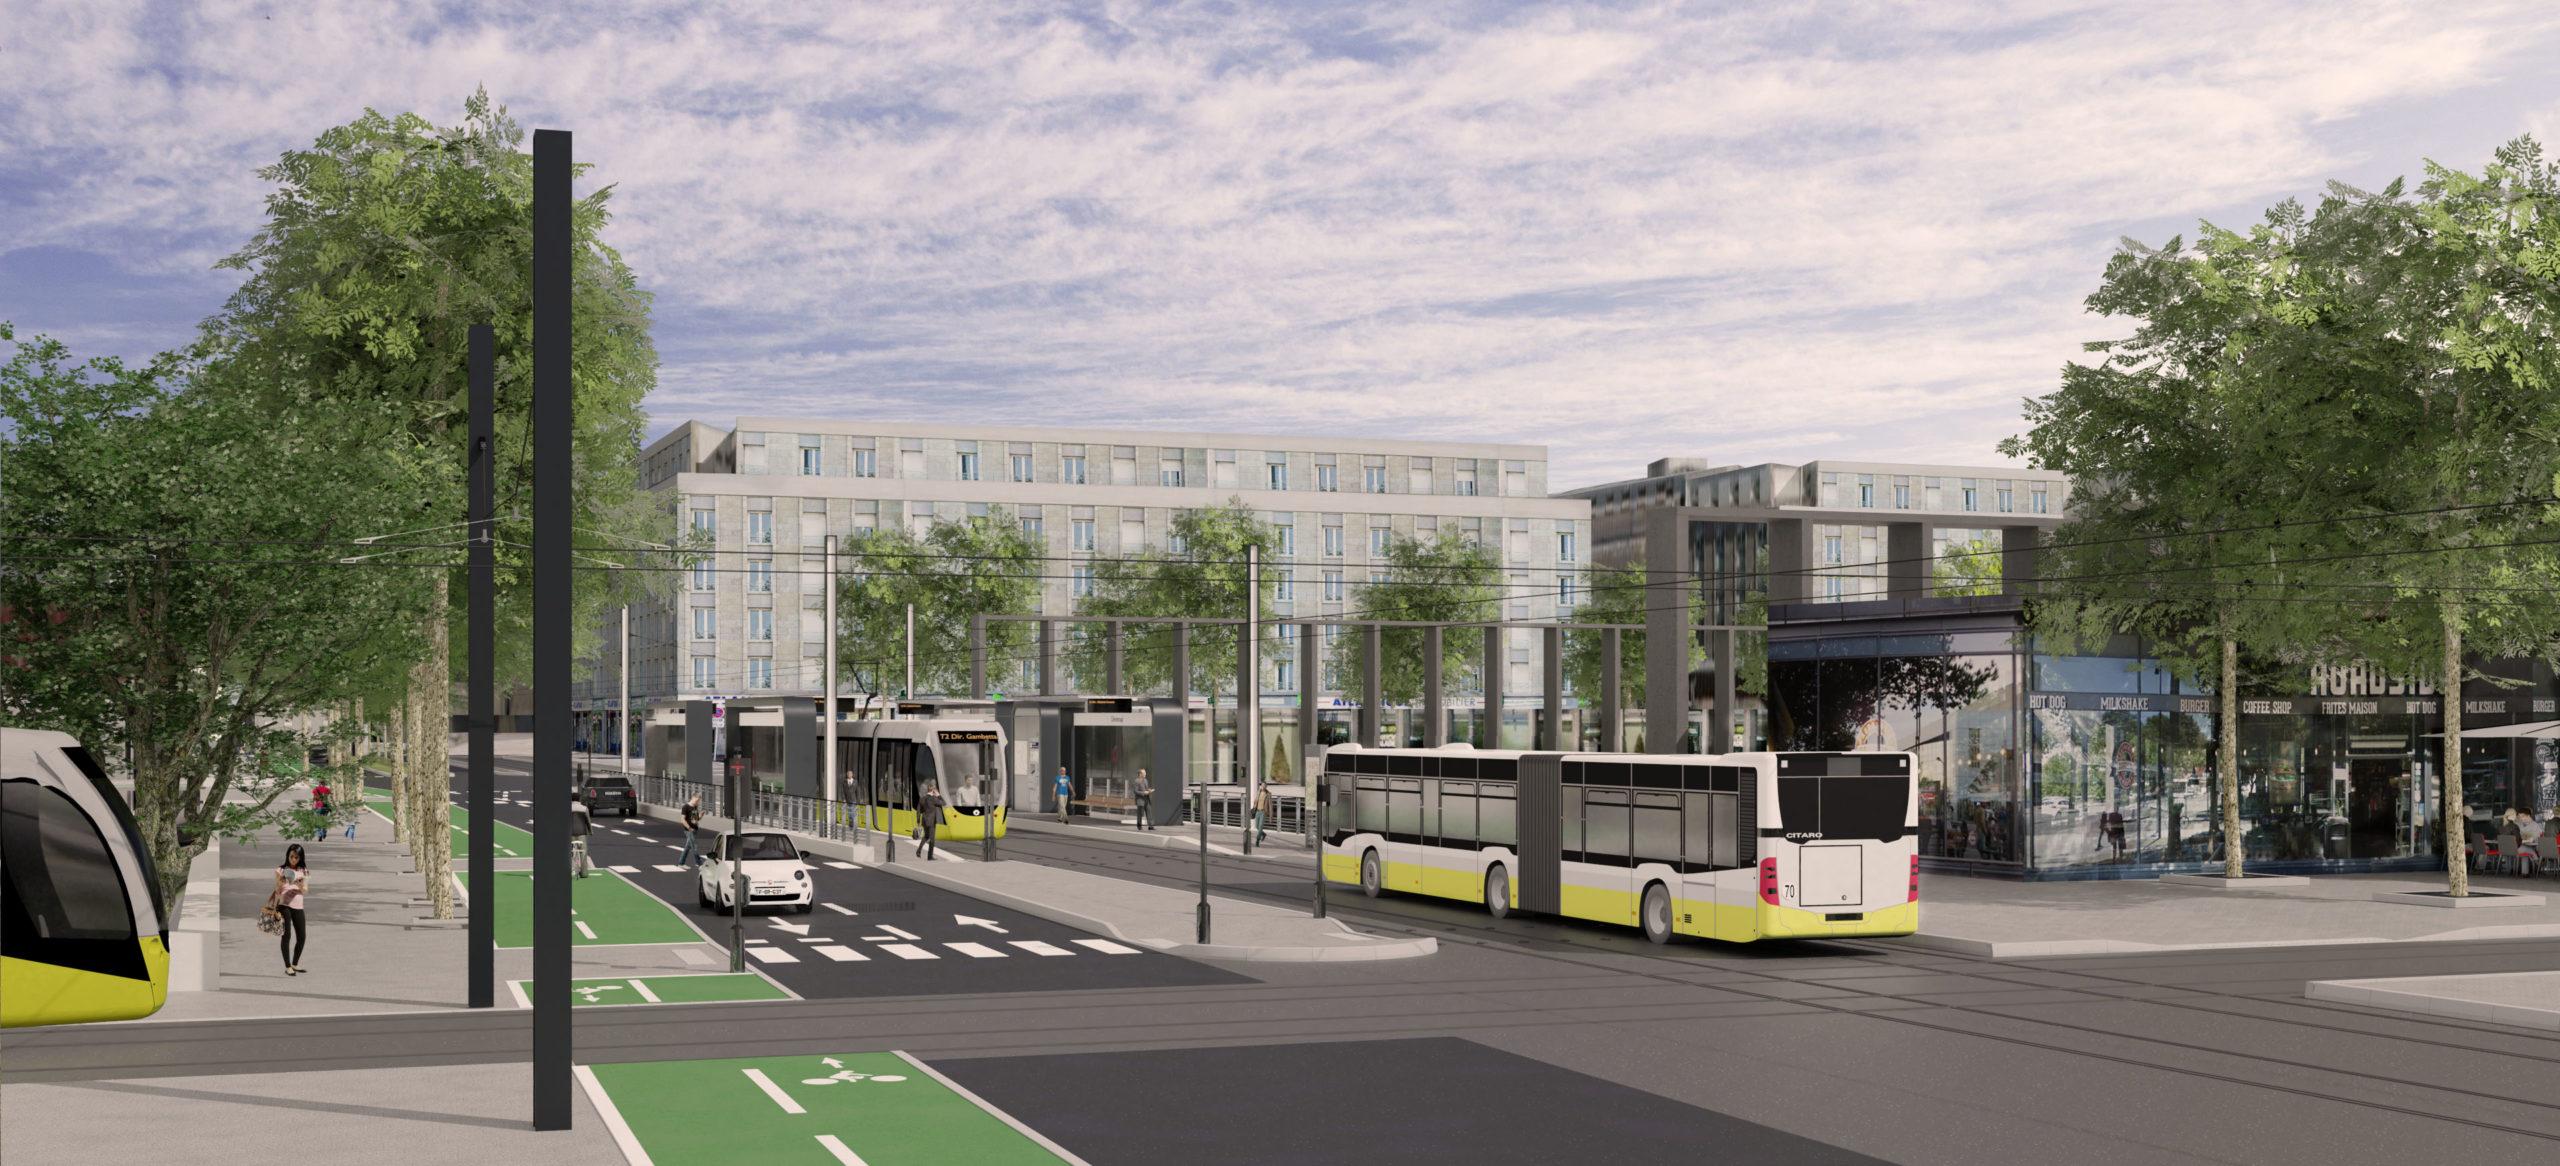 Nouvelle ligne de tramway à Brest  : le projet est lancé avec le démarrage des sondages géotechniques